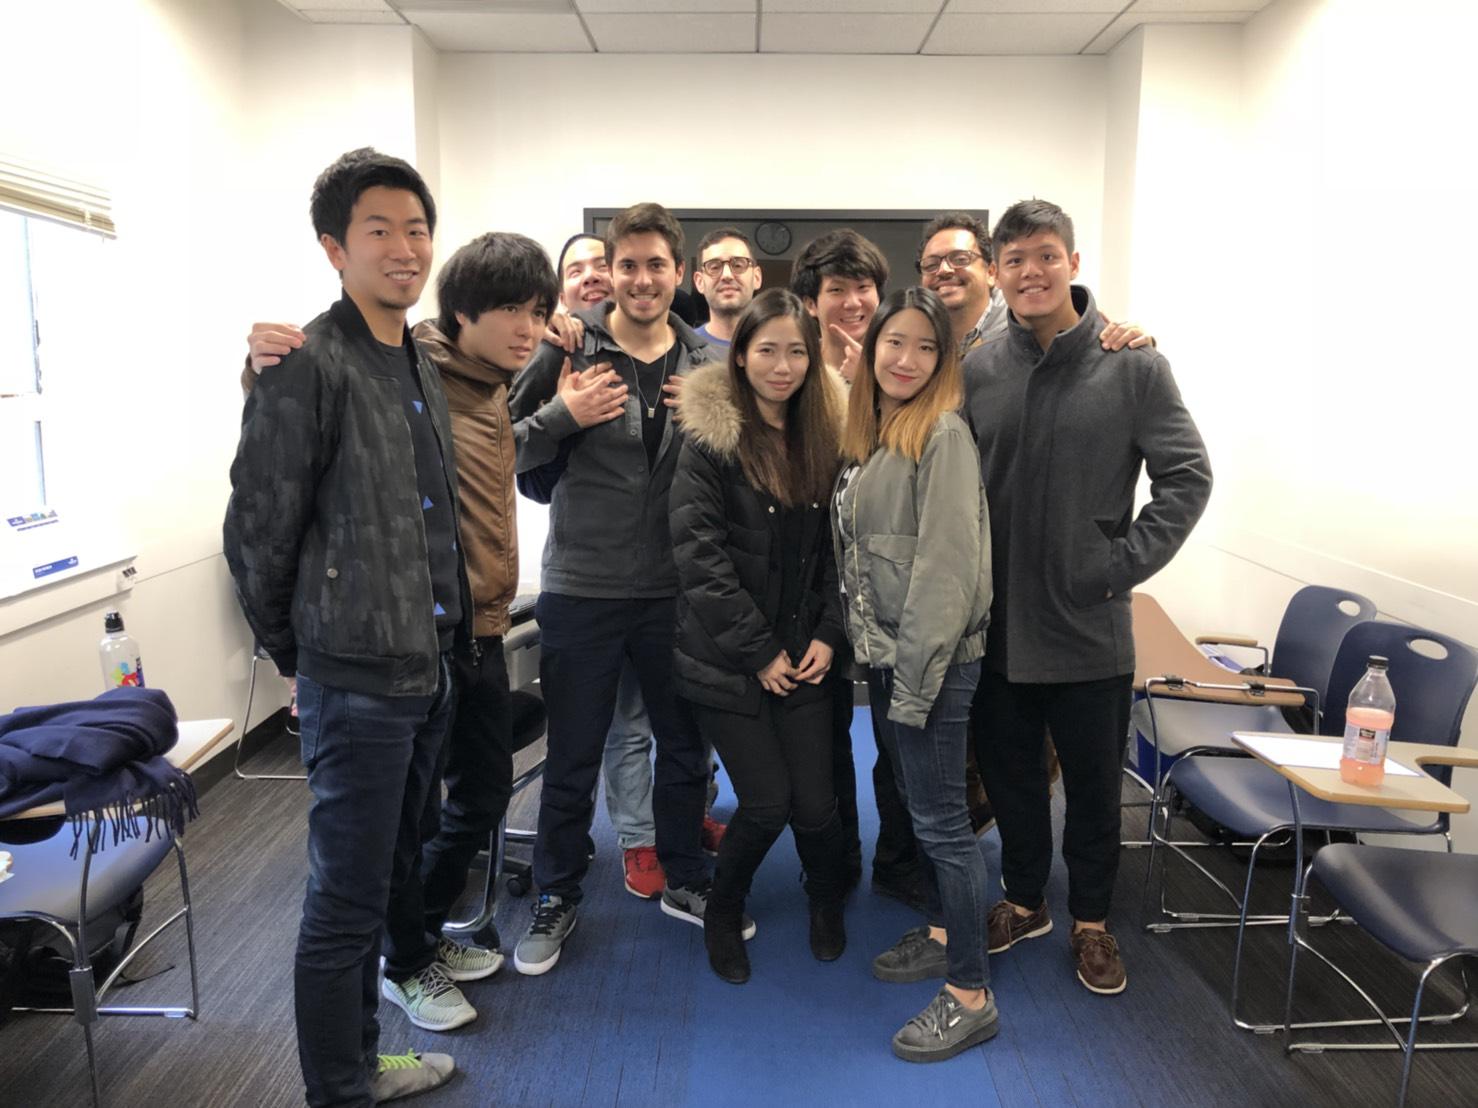 舊金山遊學,參加BMW企業實習&選修專案管理證書(Project Management)課程,增加講英文學習英文機會 by Steven [舊金山Stafford House]